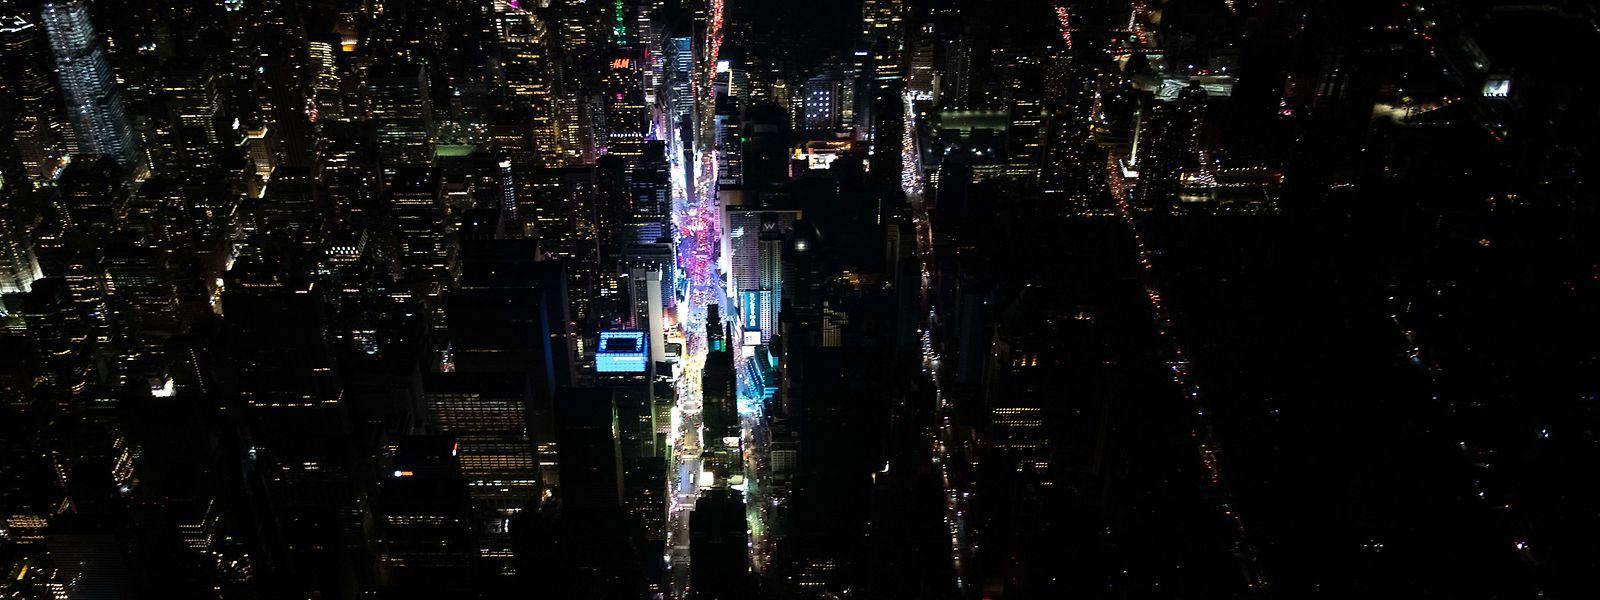 Aus der Vogelperspektive erkennt man ein fast völlig im Dunkeln liegendes Manhattan.